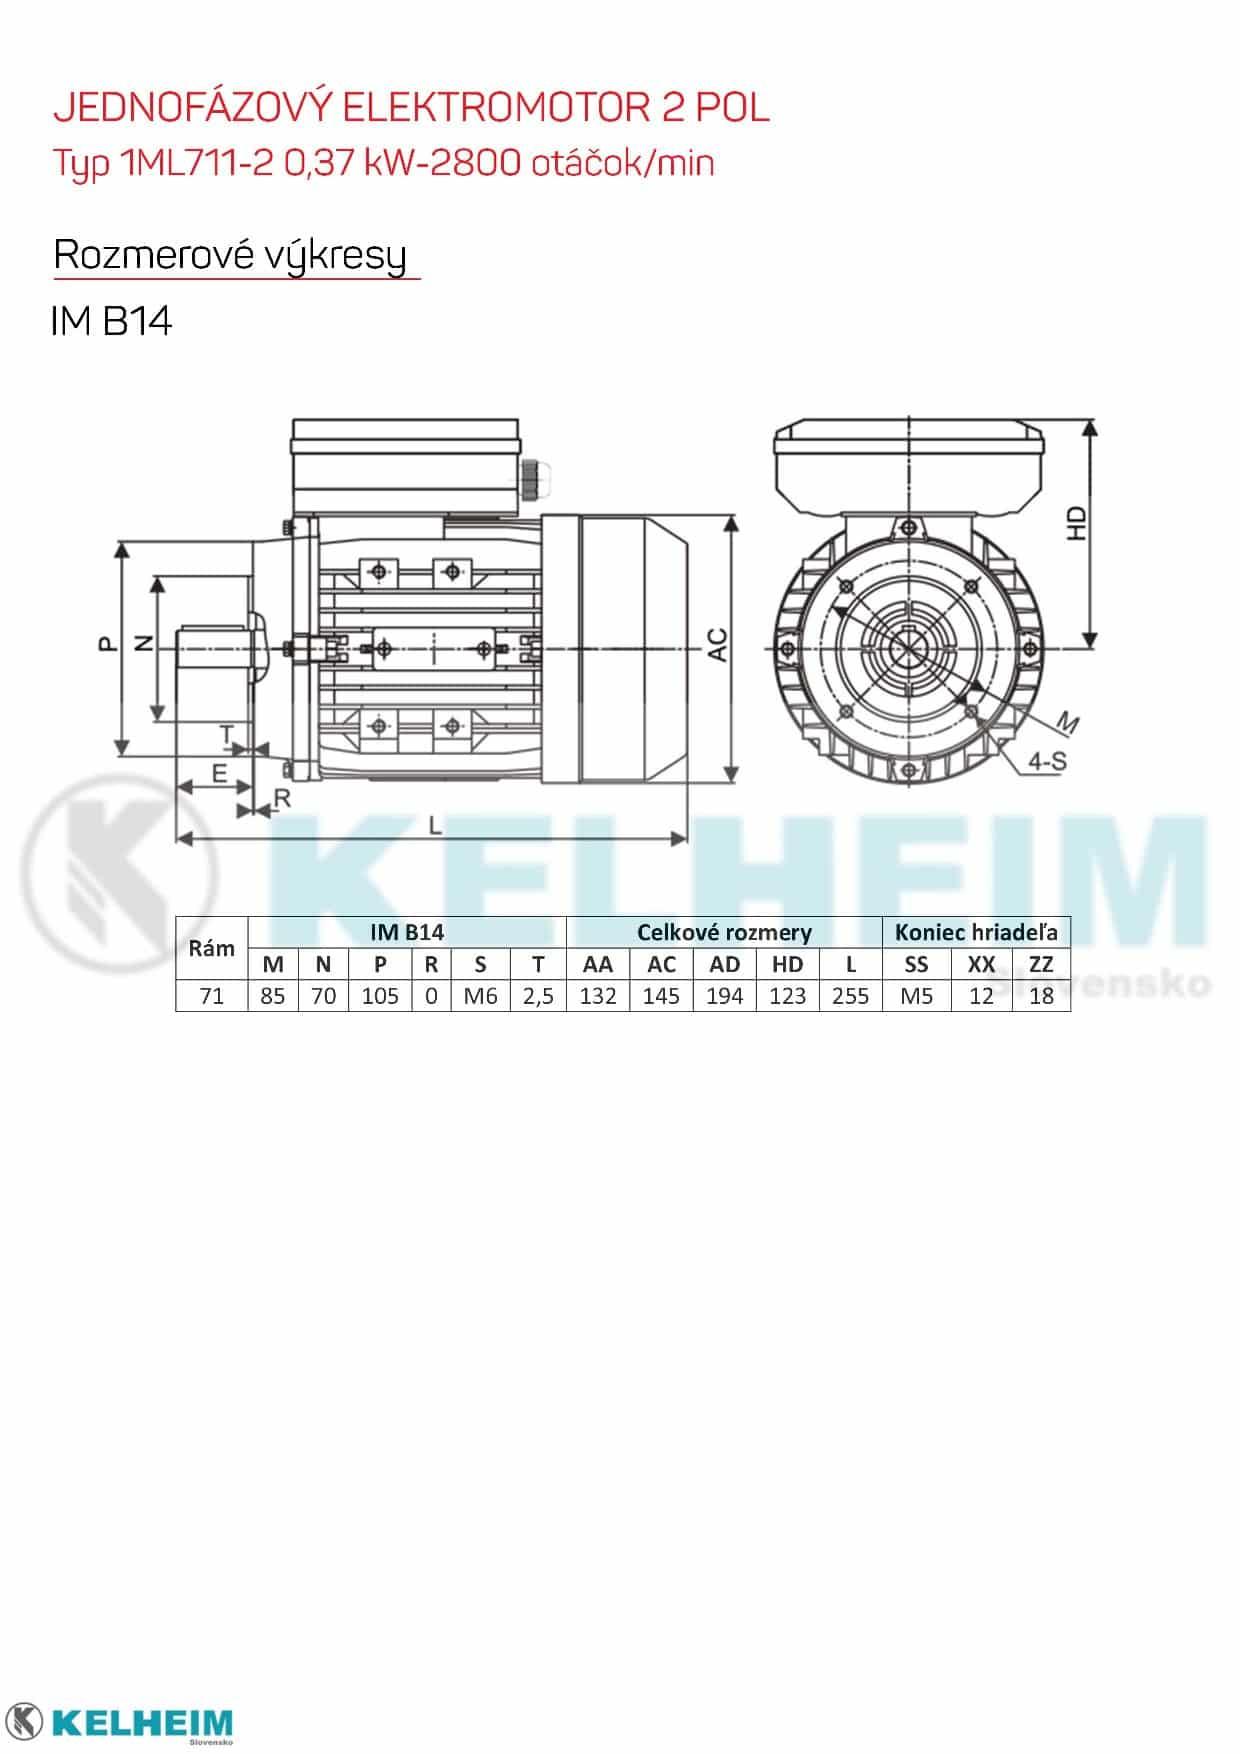 rozměrový výkres - jednofázový elektromotor 0,37kw